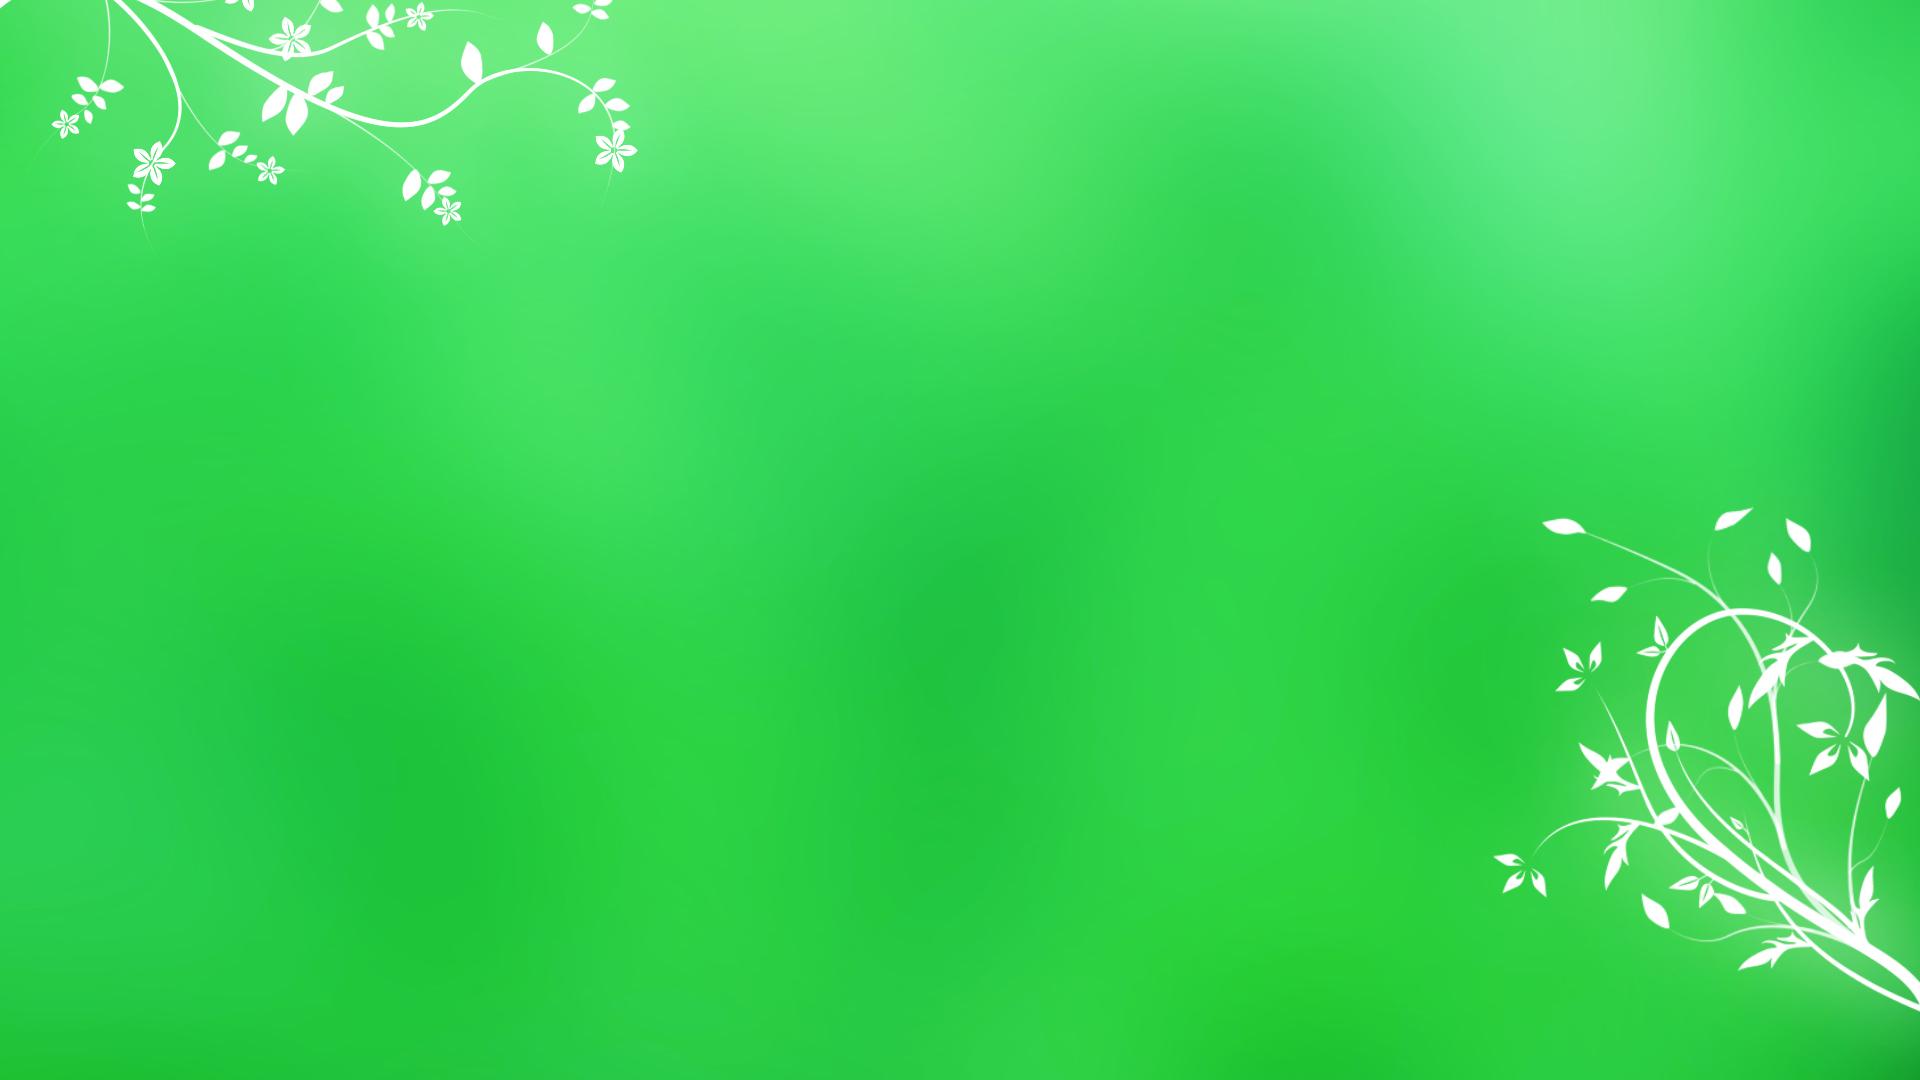 壁紙 Green のダウンロード Lancork